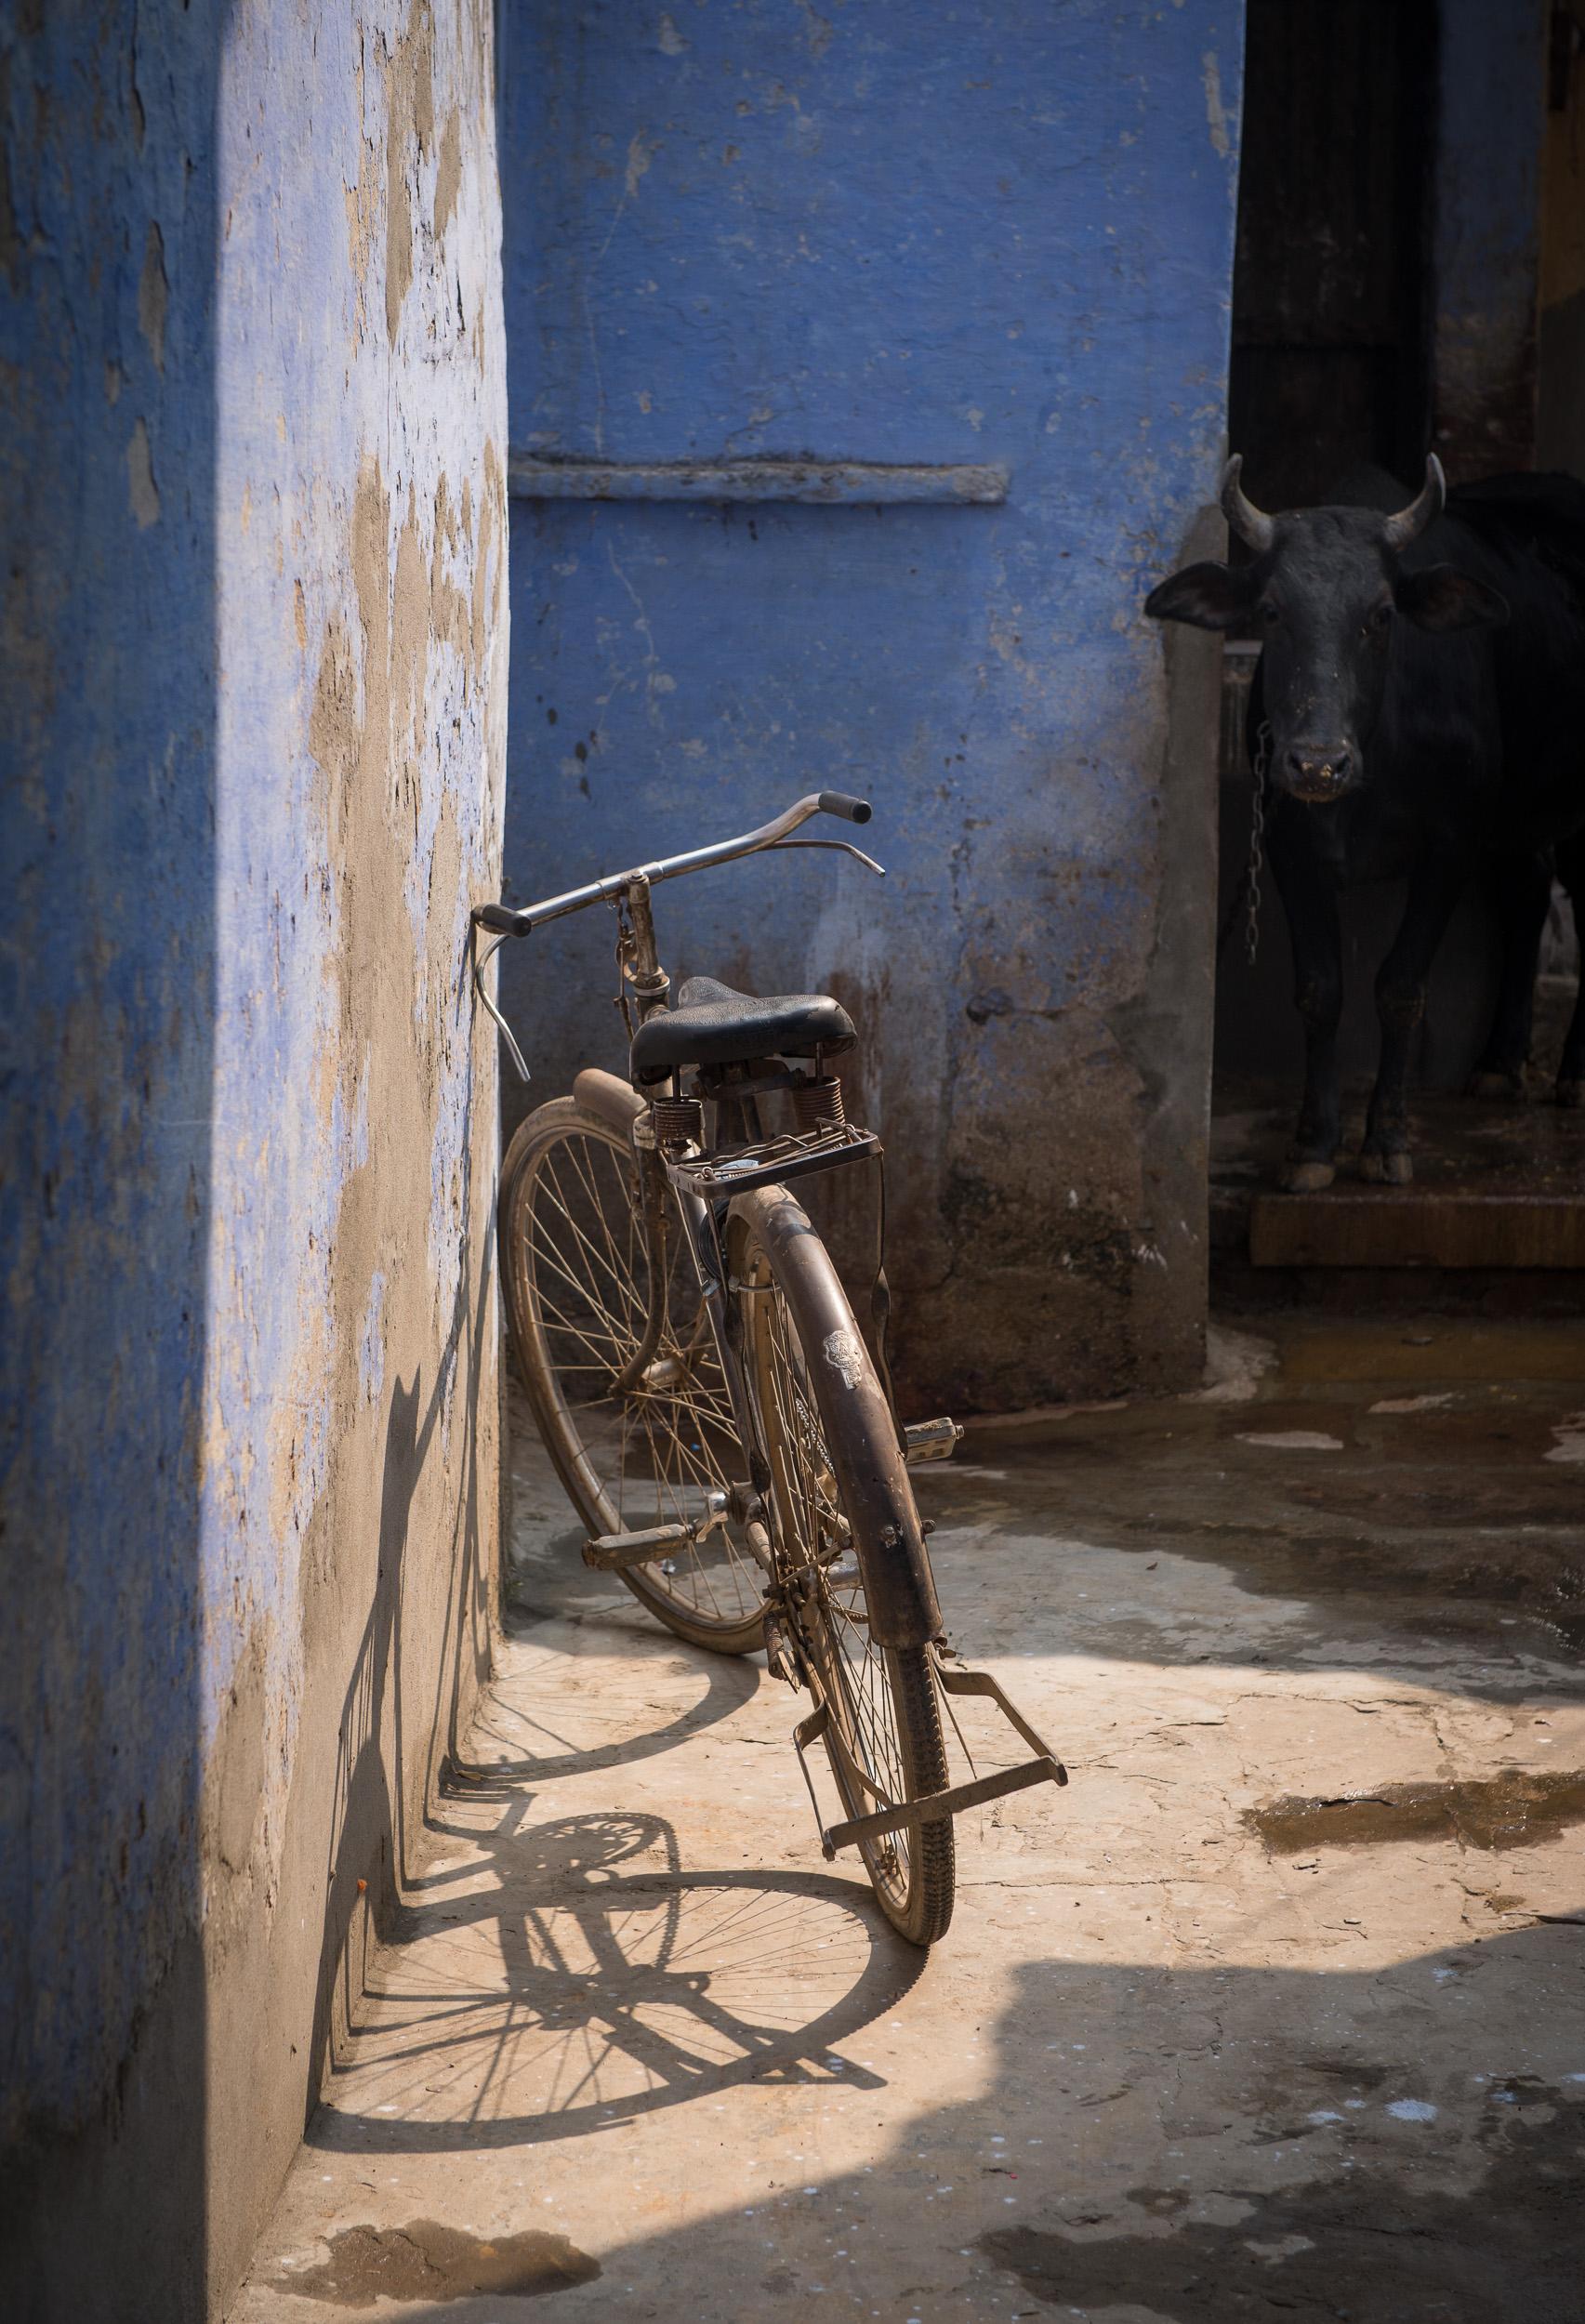 meyer-india-varanasi-18.jpg